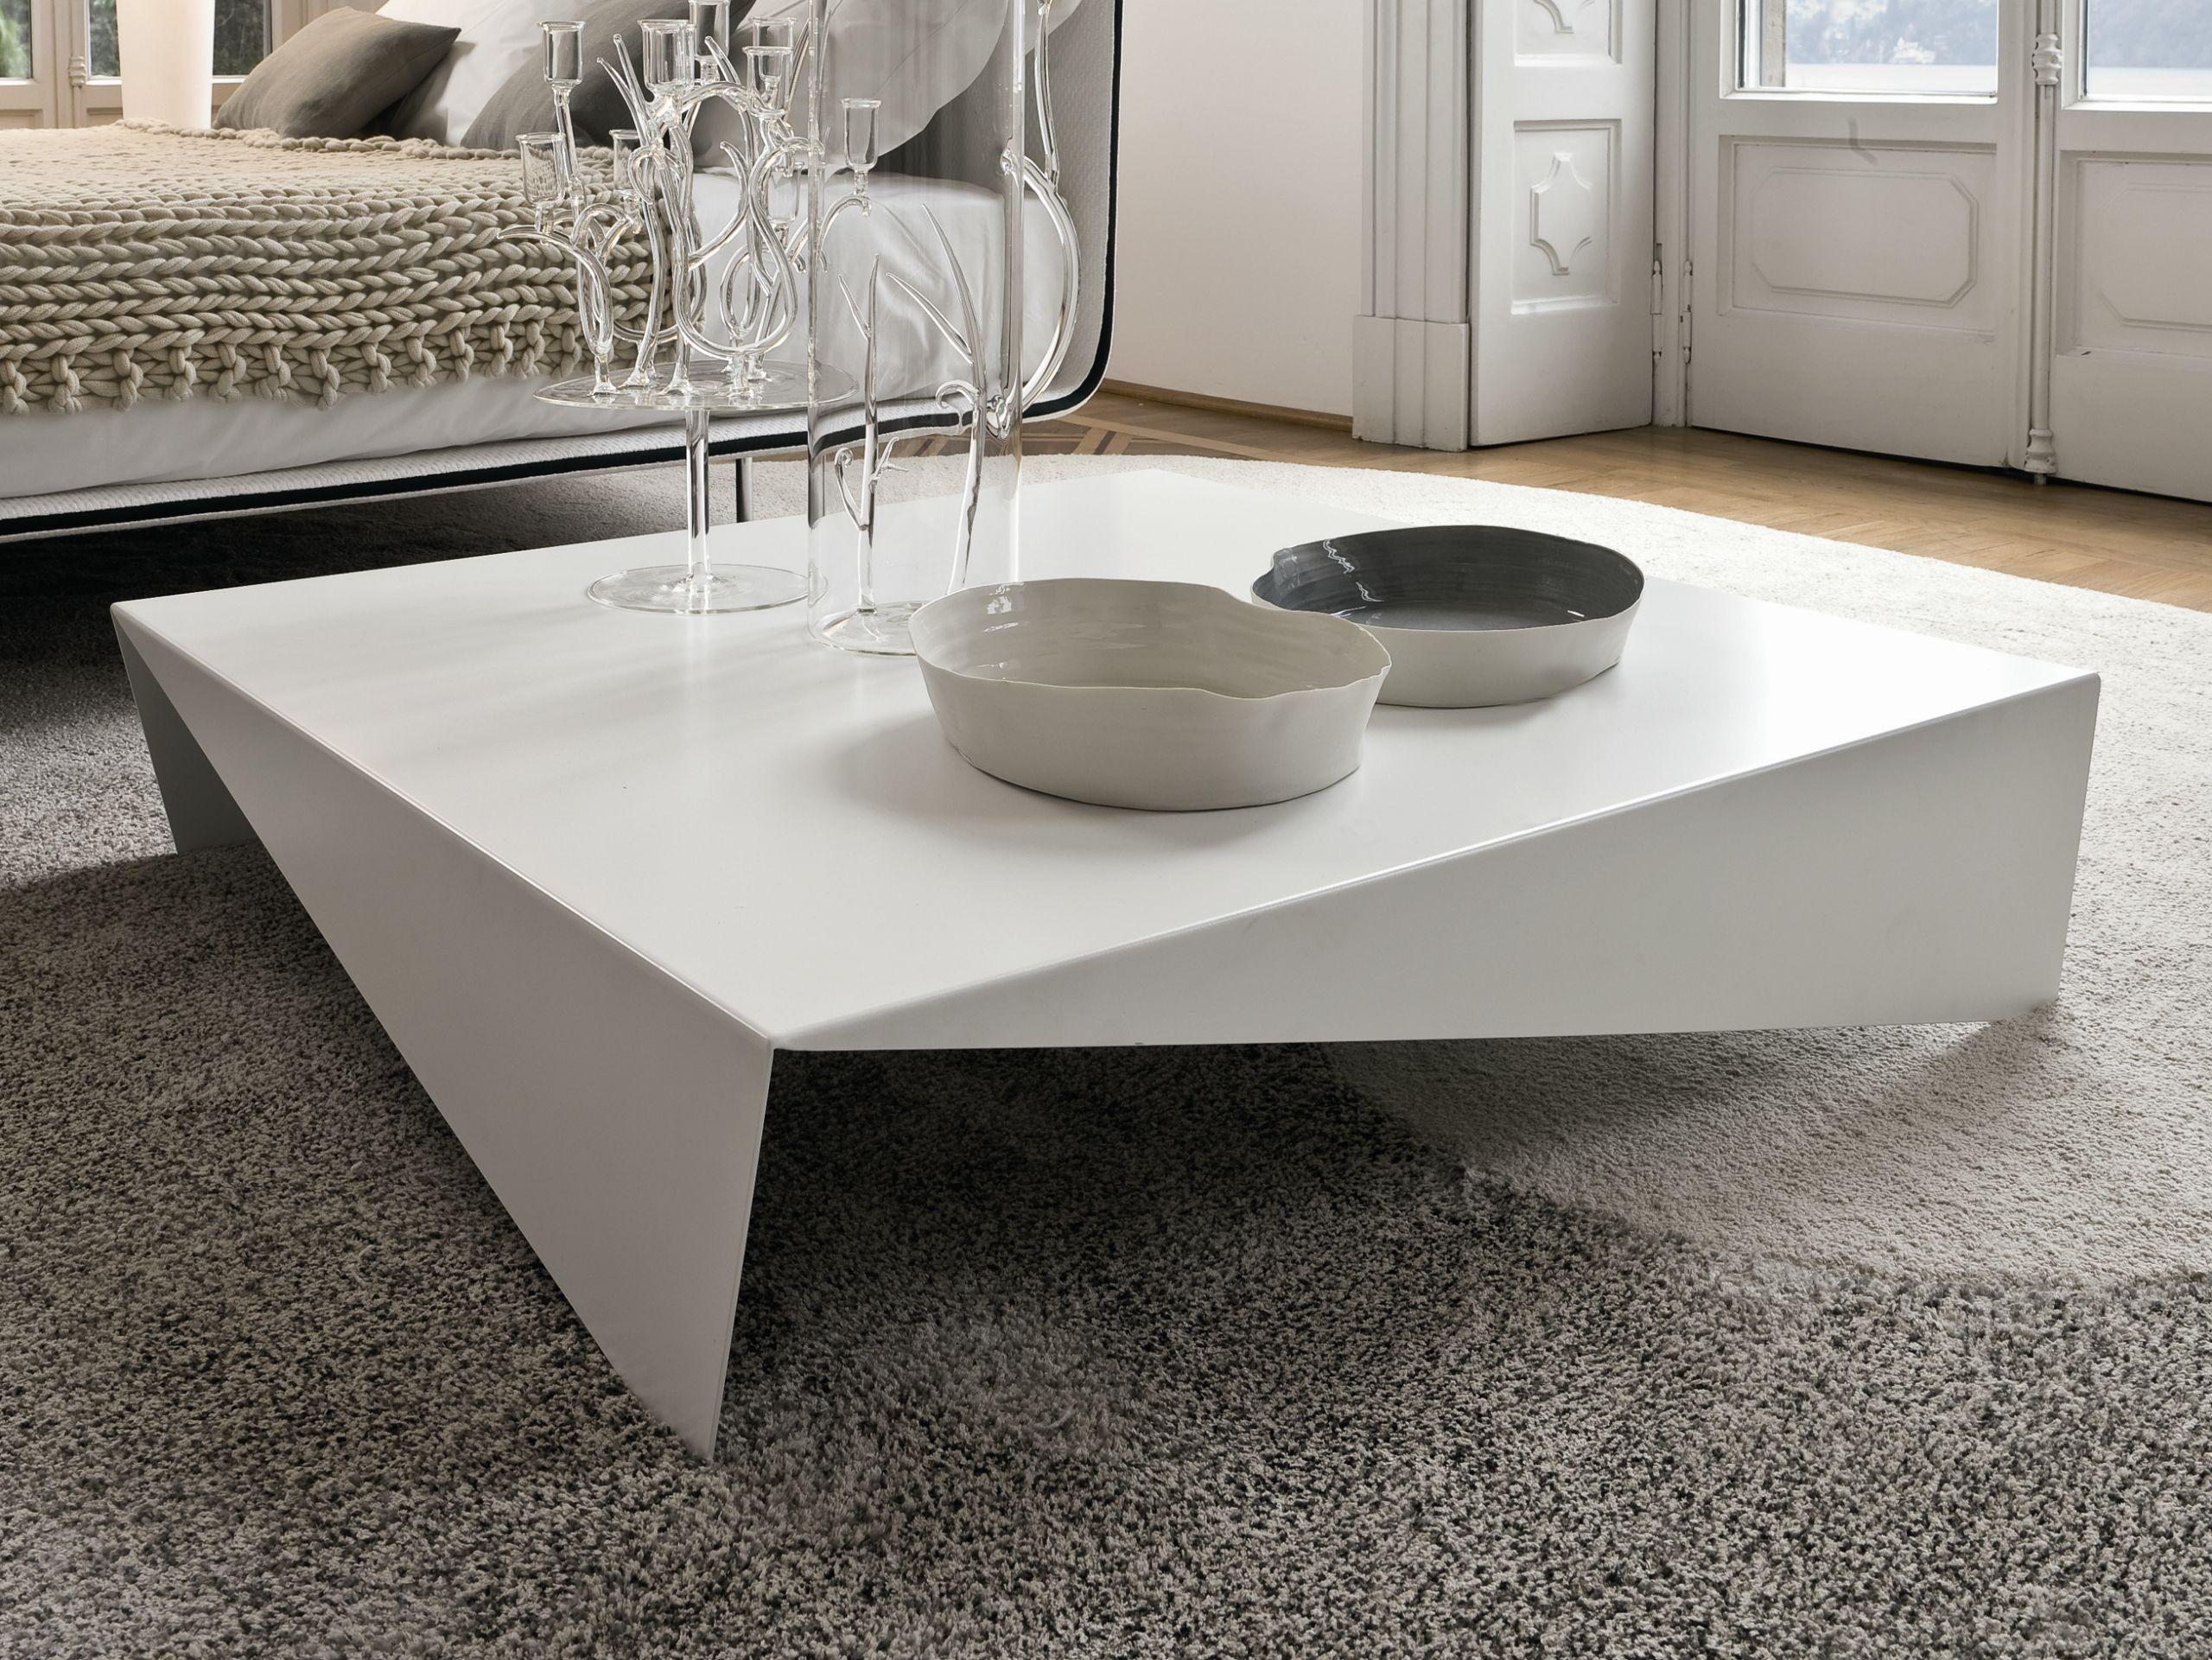 Table Basse Carree Voila By Bonaldo Design Max Piva Coffee